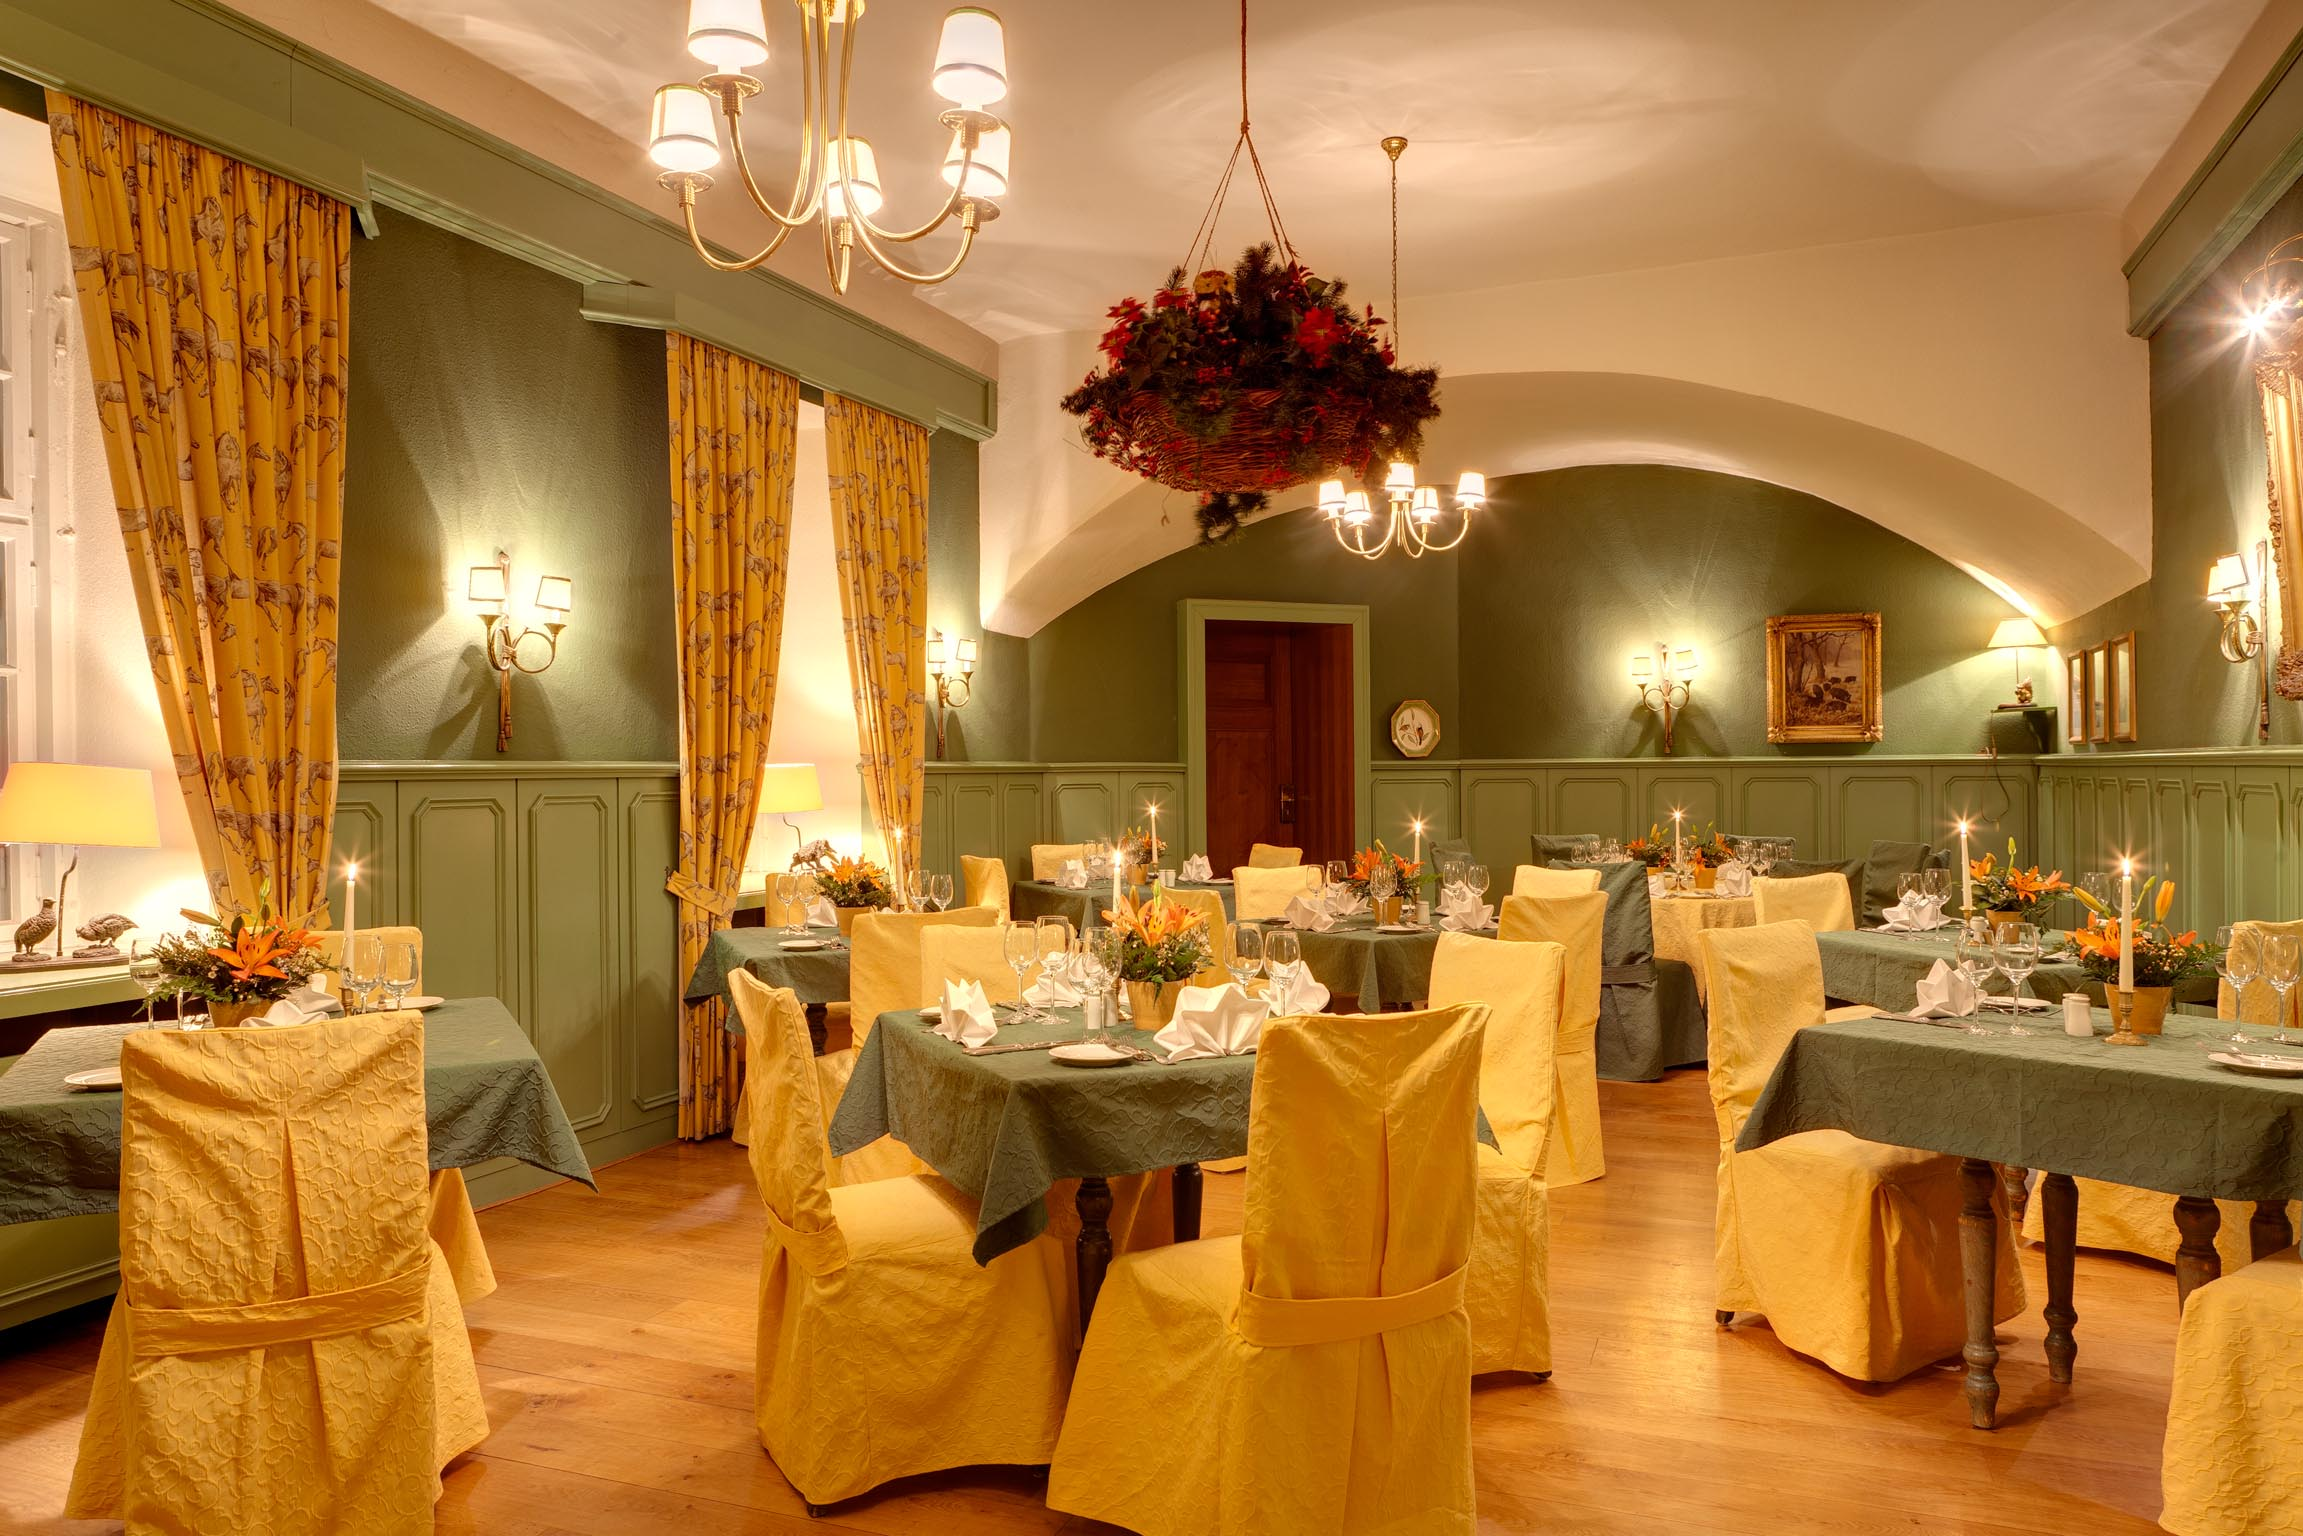 Restaurant Spreewald - Schlossrestaurant - Heiraten im Spreewald - Schloss Lübbenau im Spreewald